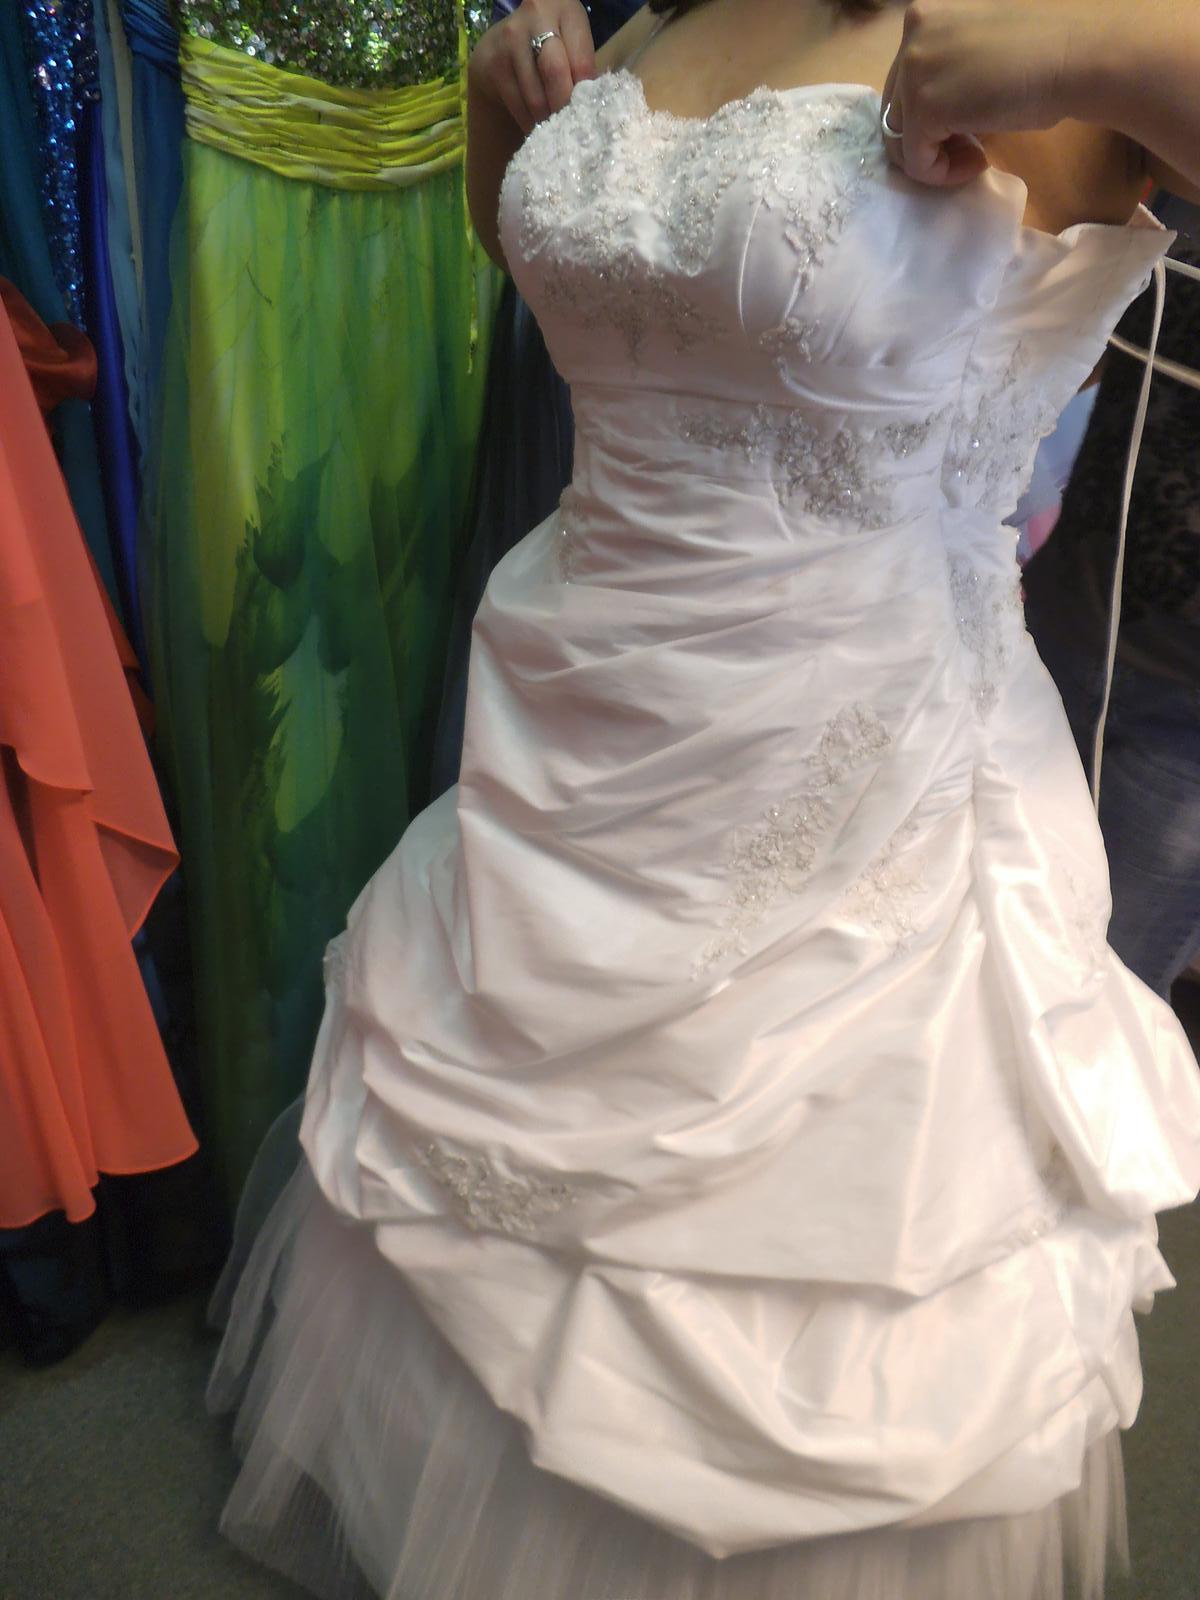 Zkoušení šatů - Obrázek č. 9